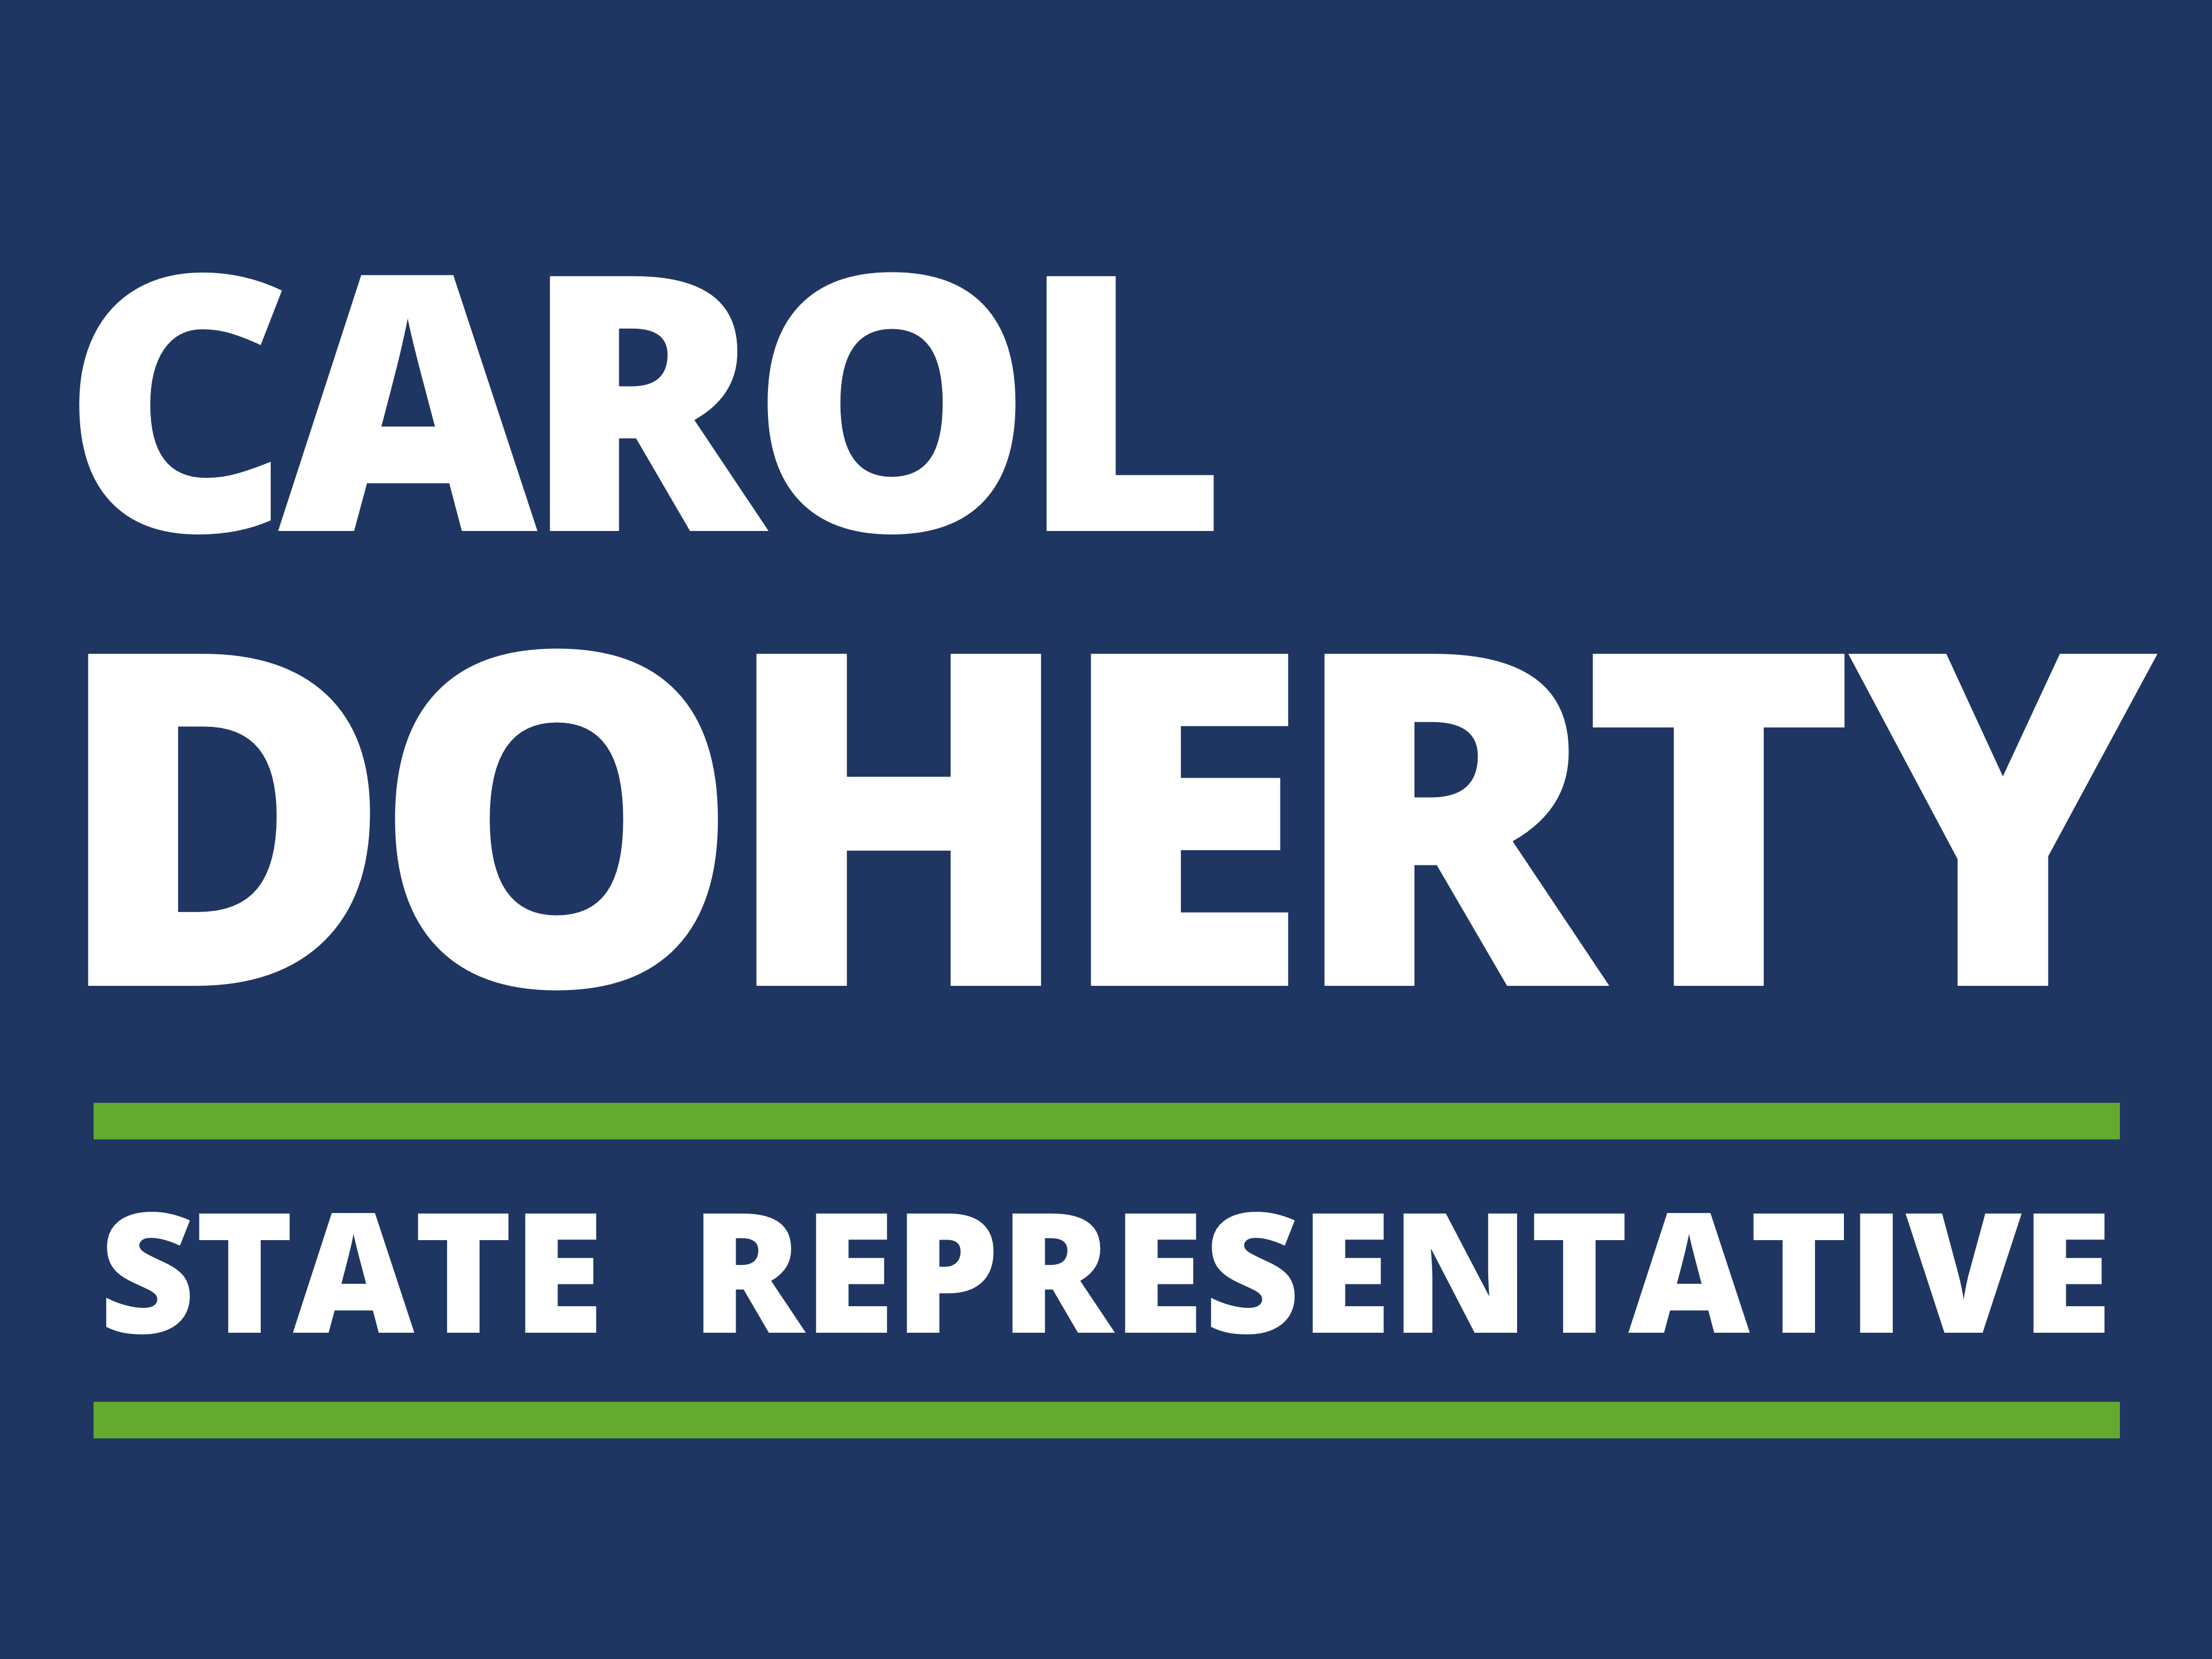 Carol Doherty